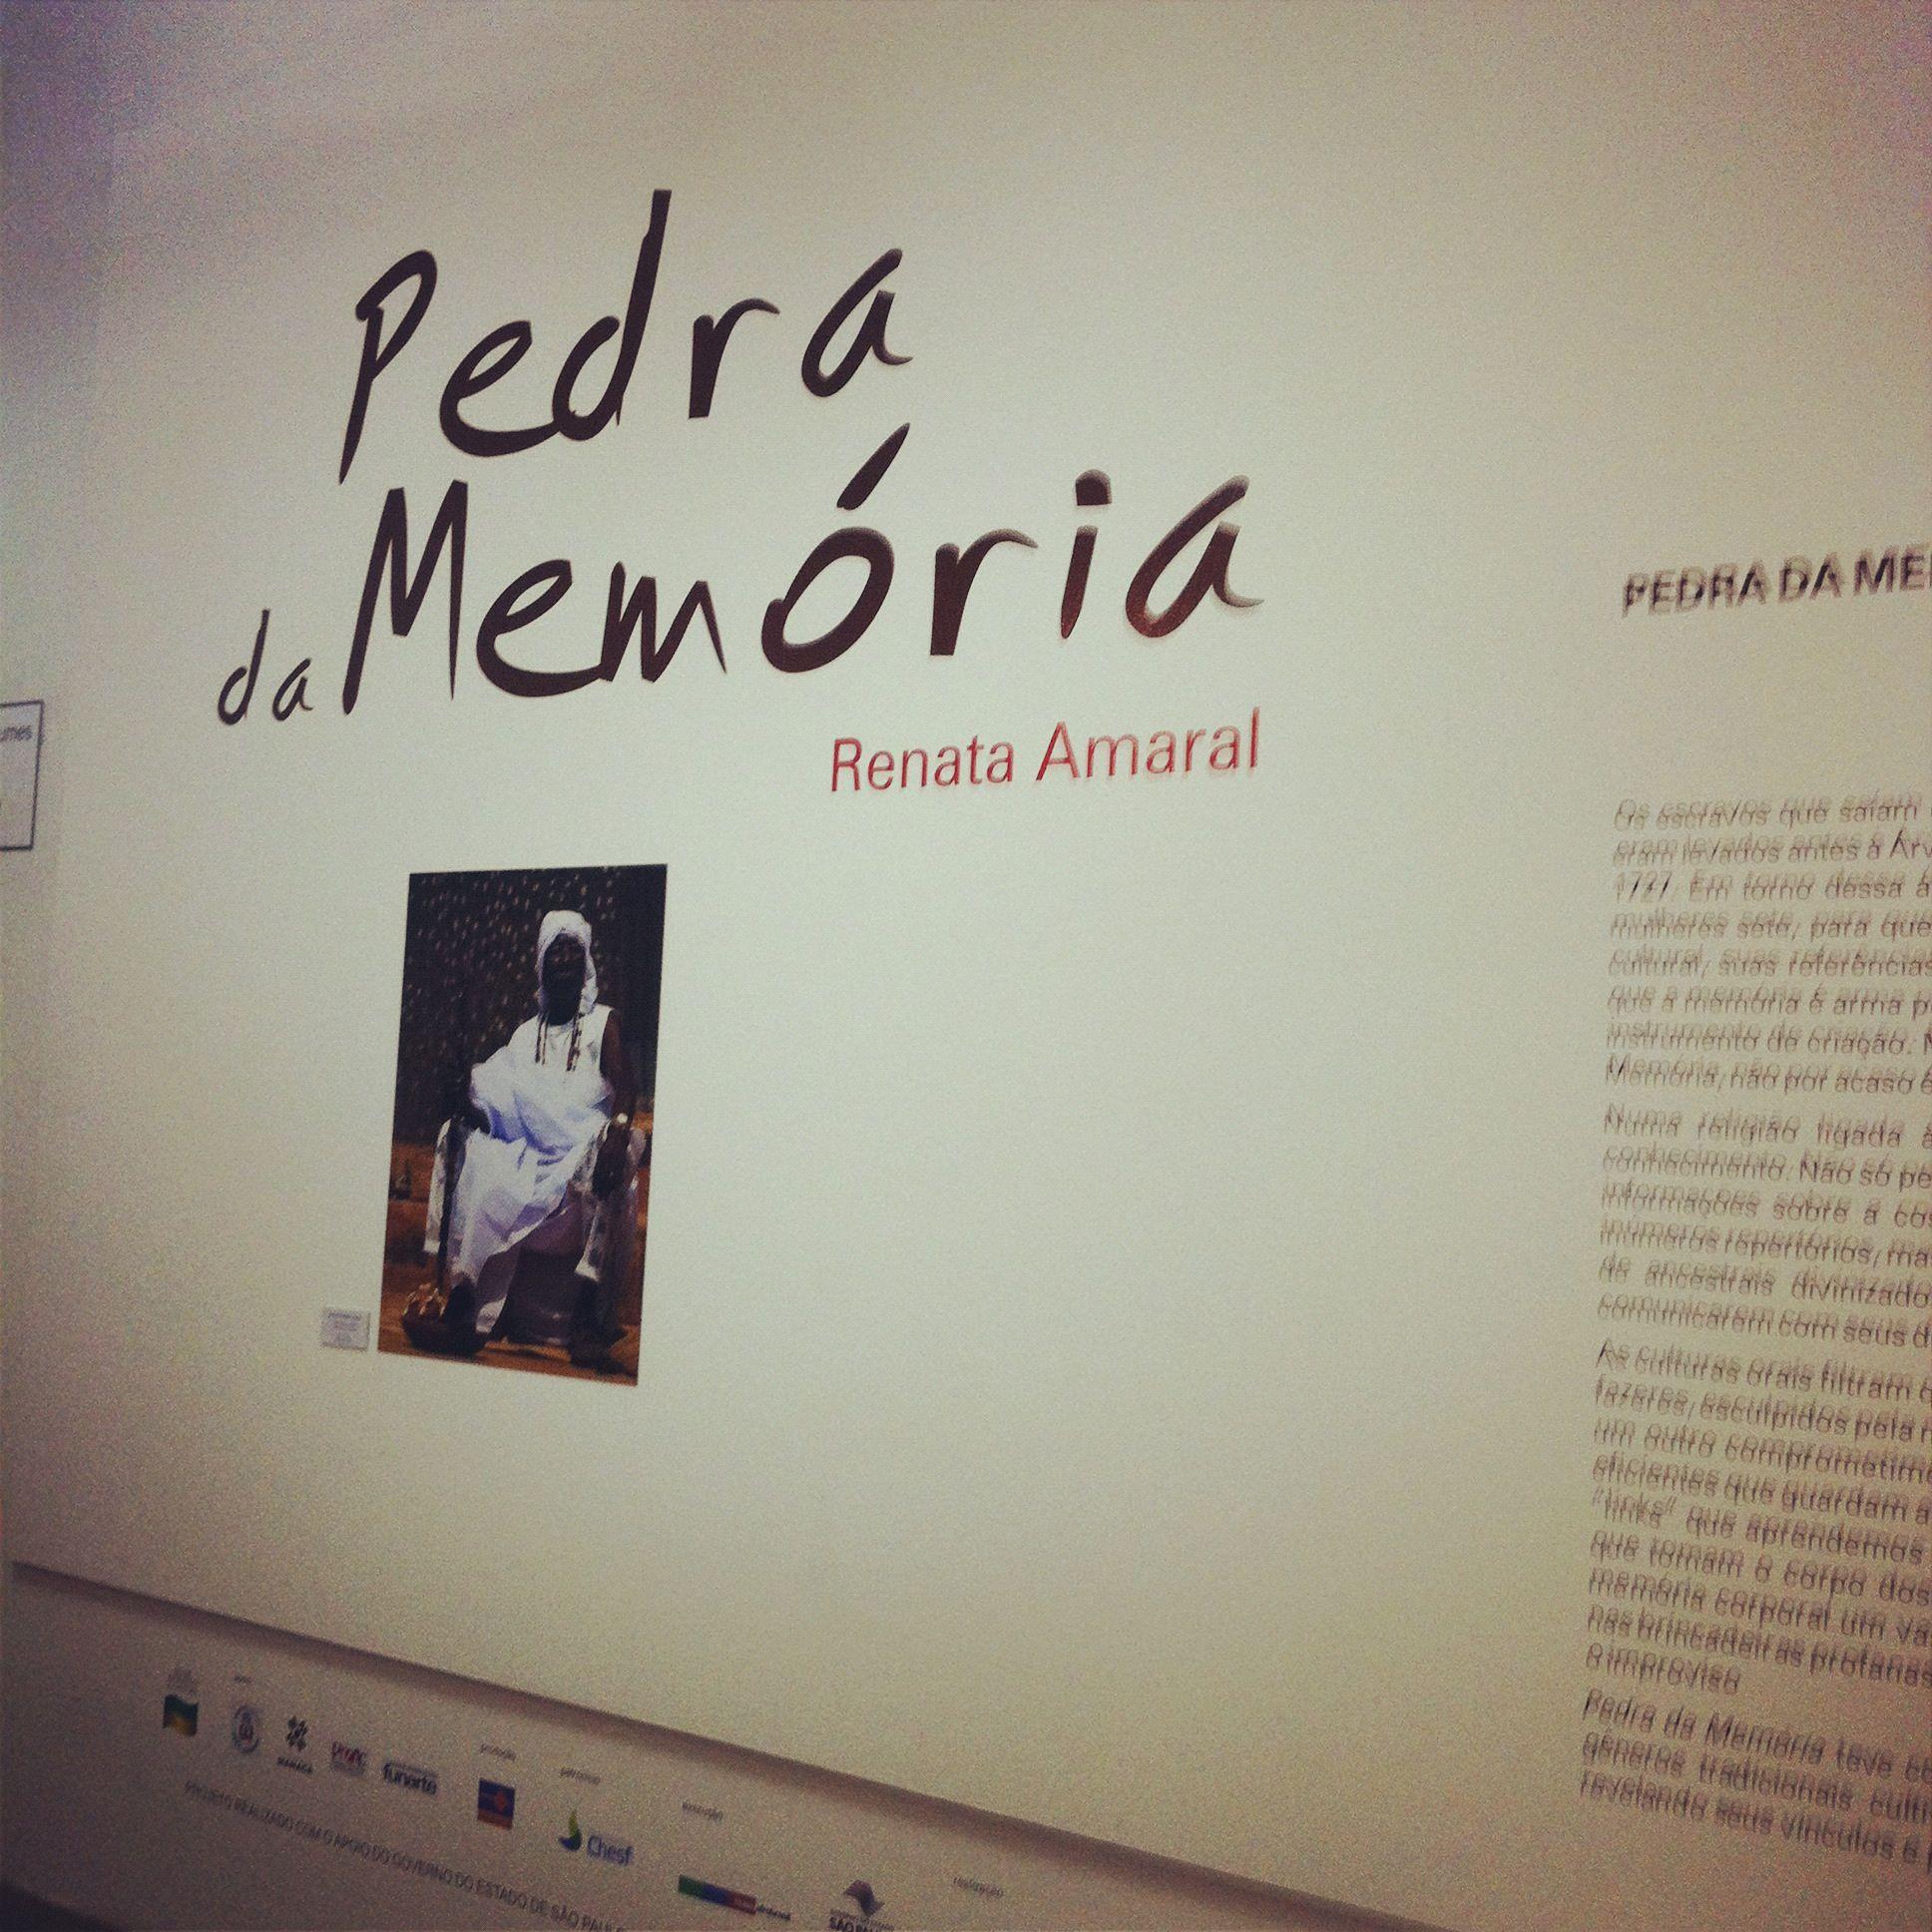 Mostra Pedra da Memória no Museu Afro. Nov/2012